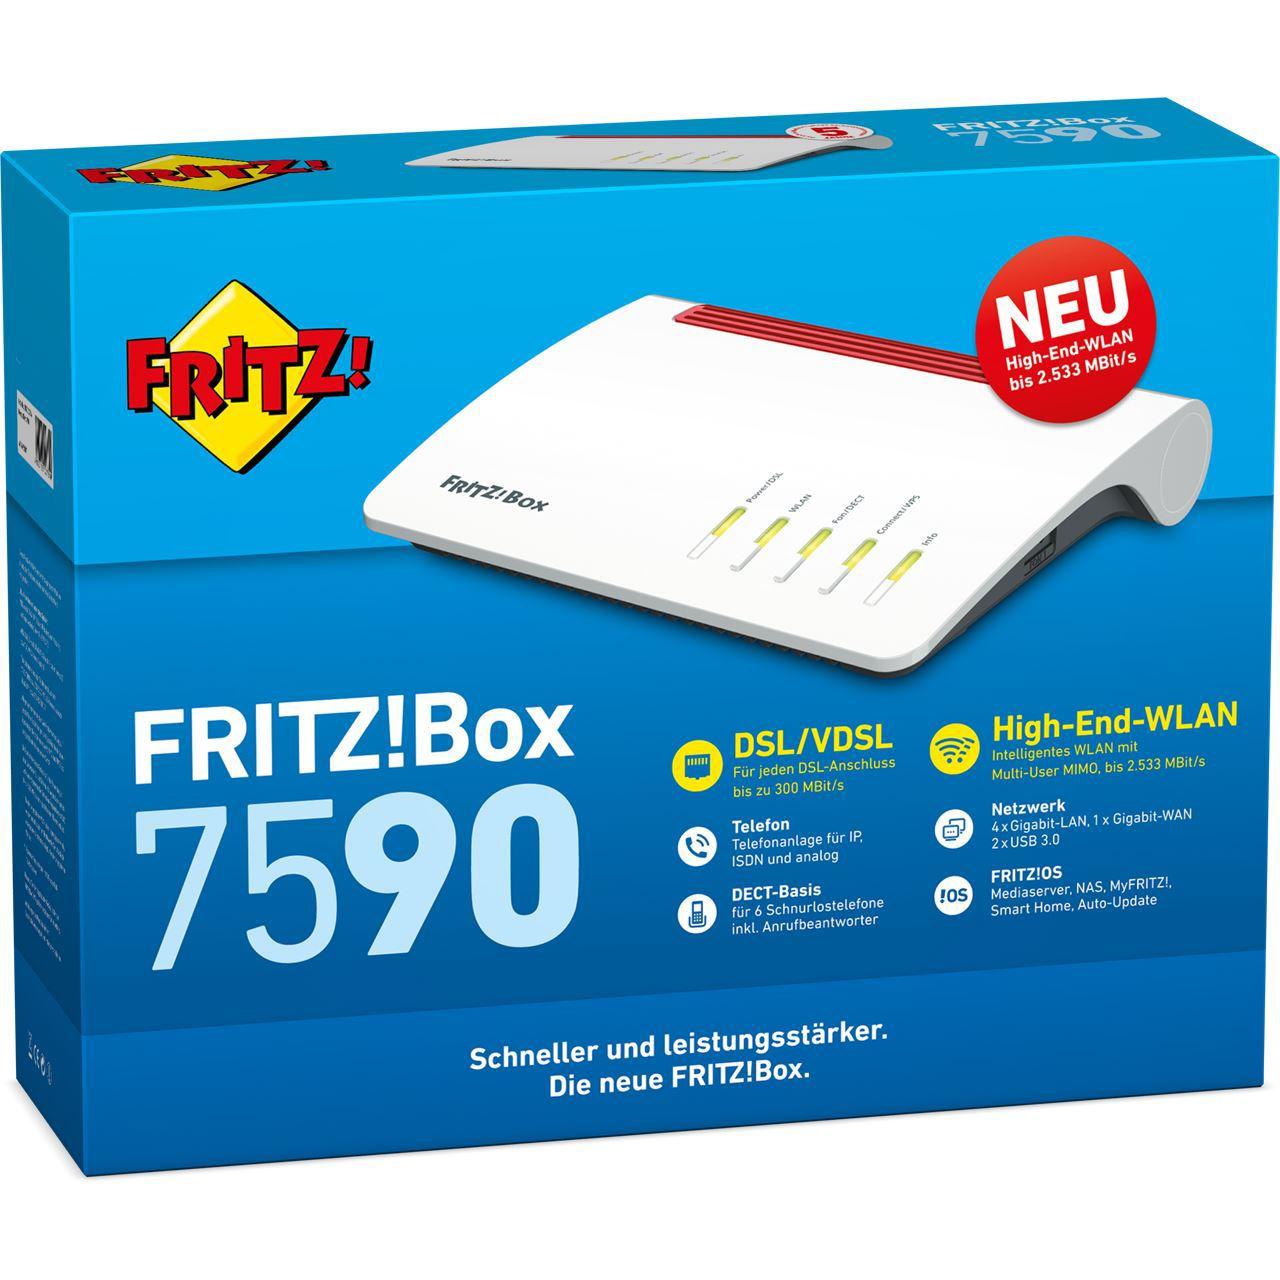 AVM Fritzbox 7590 mieten ab 2,99€